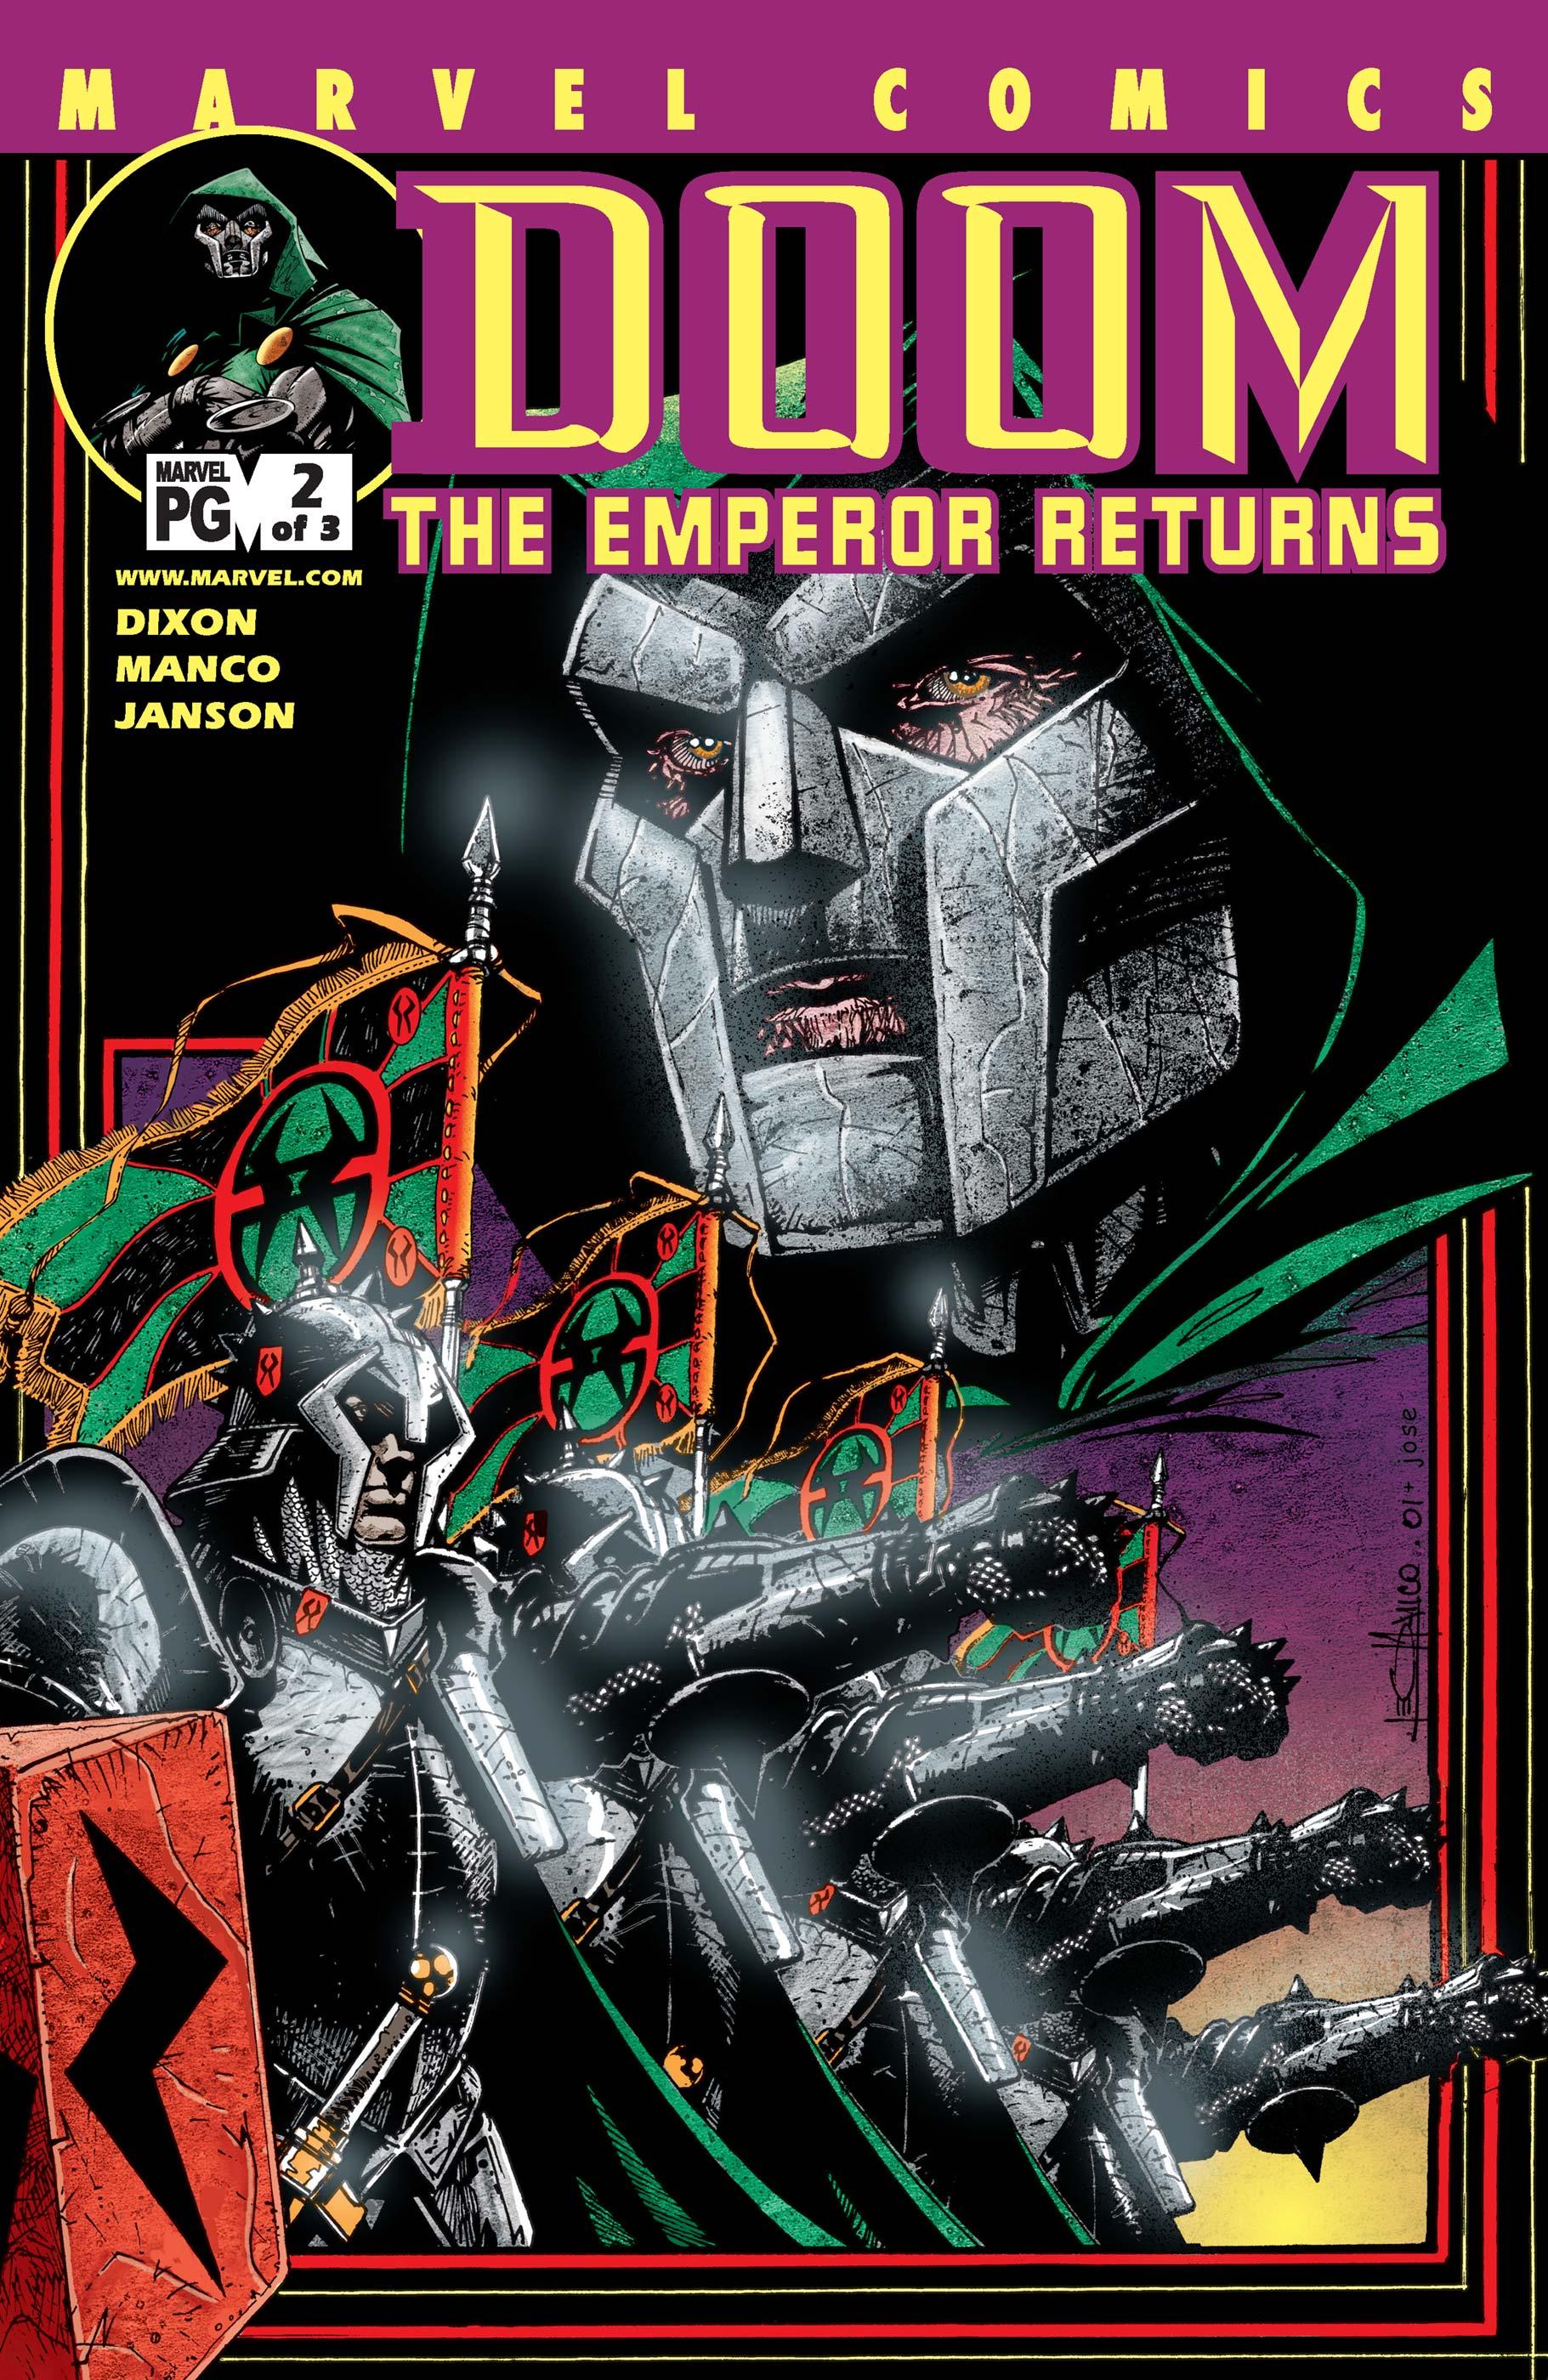 Doom: The Emperor Returns (2002) #2